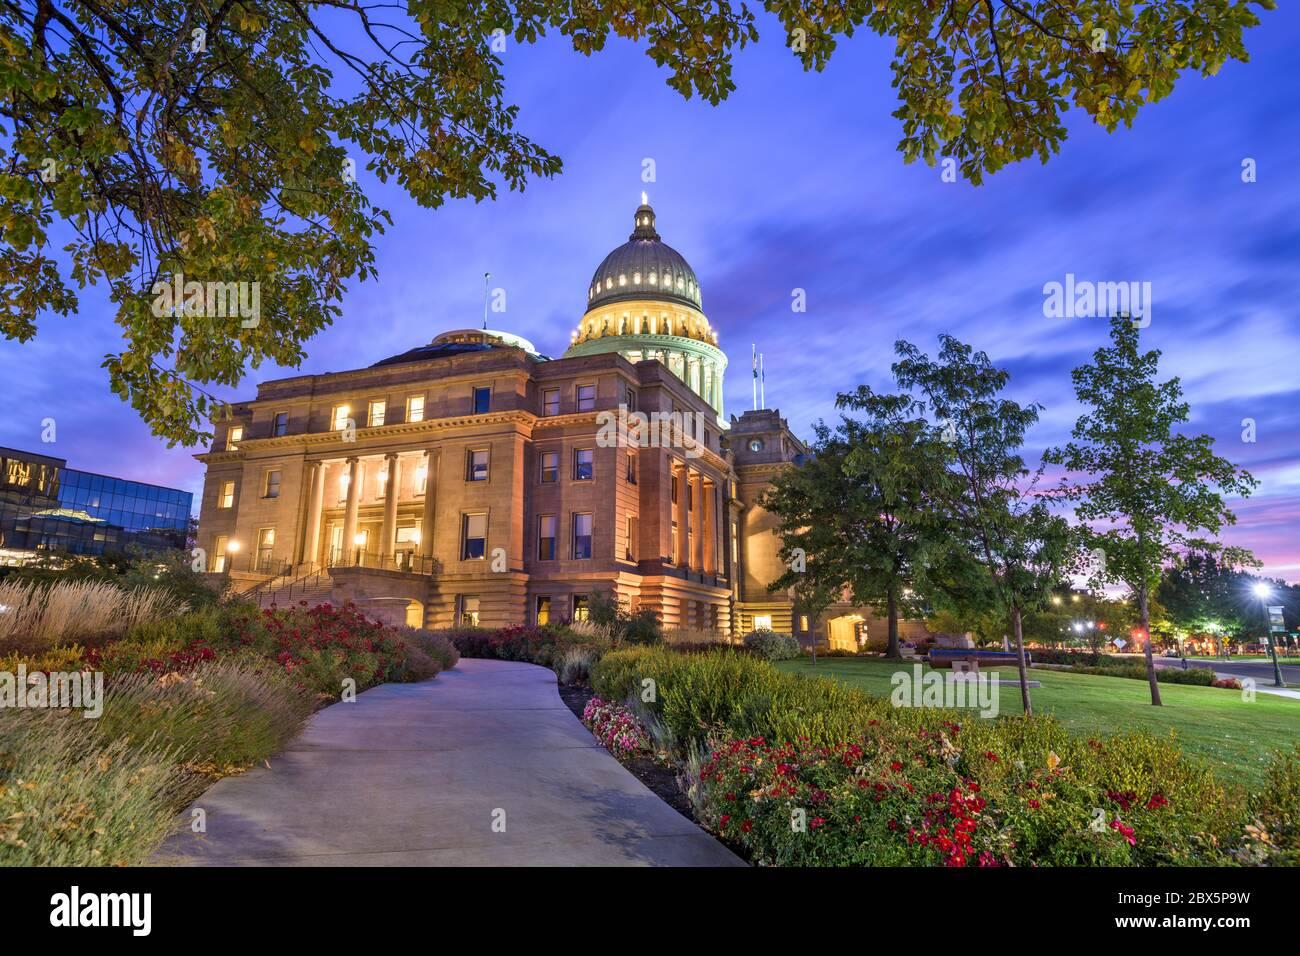 Idaho State Capitol Building à l'aube à Boise, Idaho, États-Unis. Banque D'Images